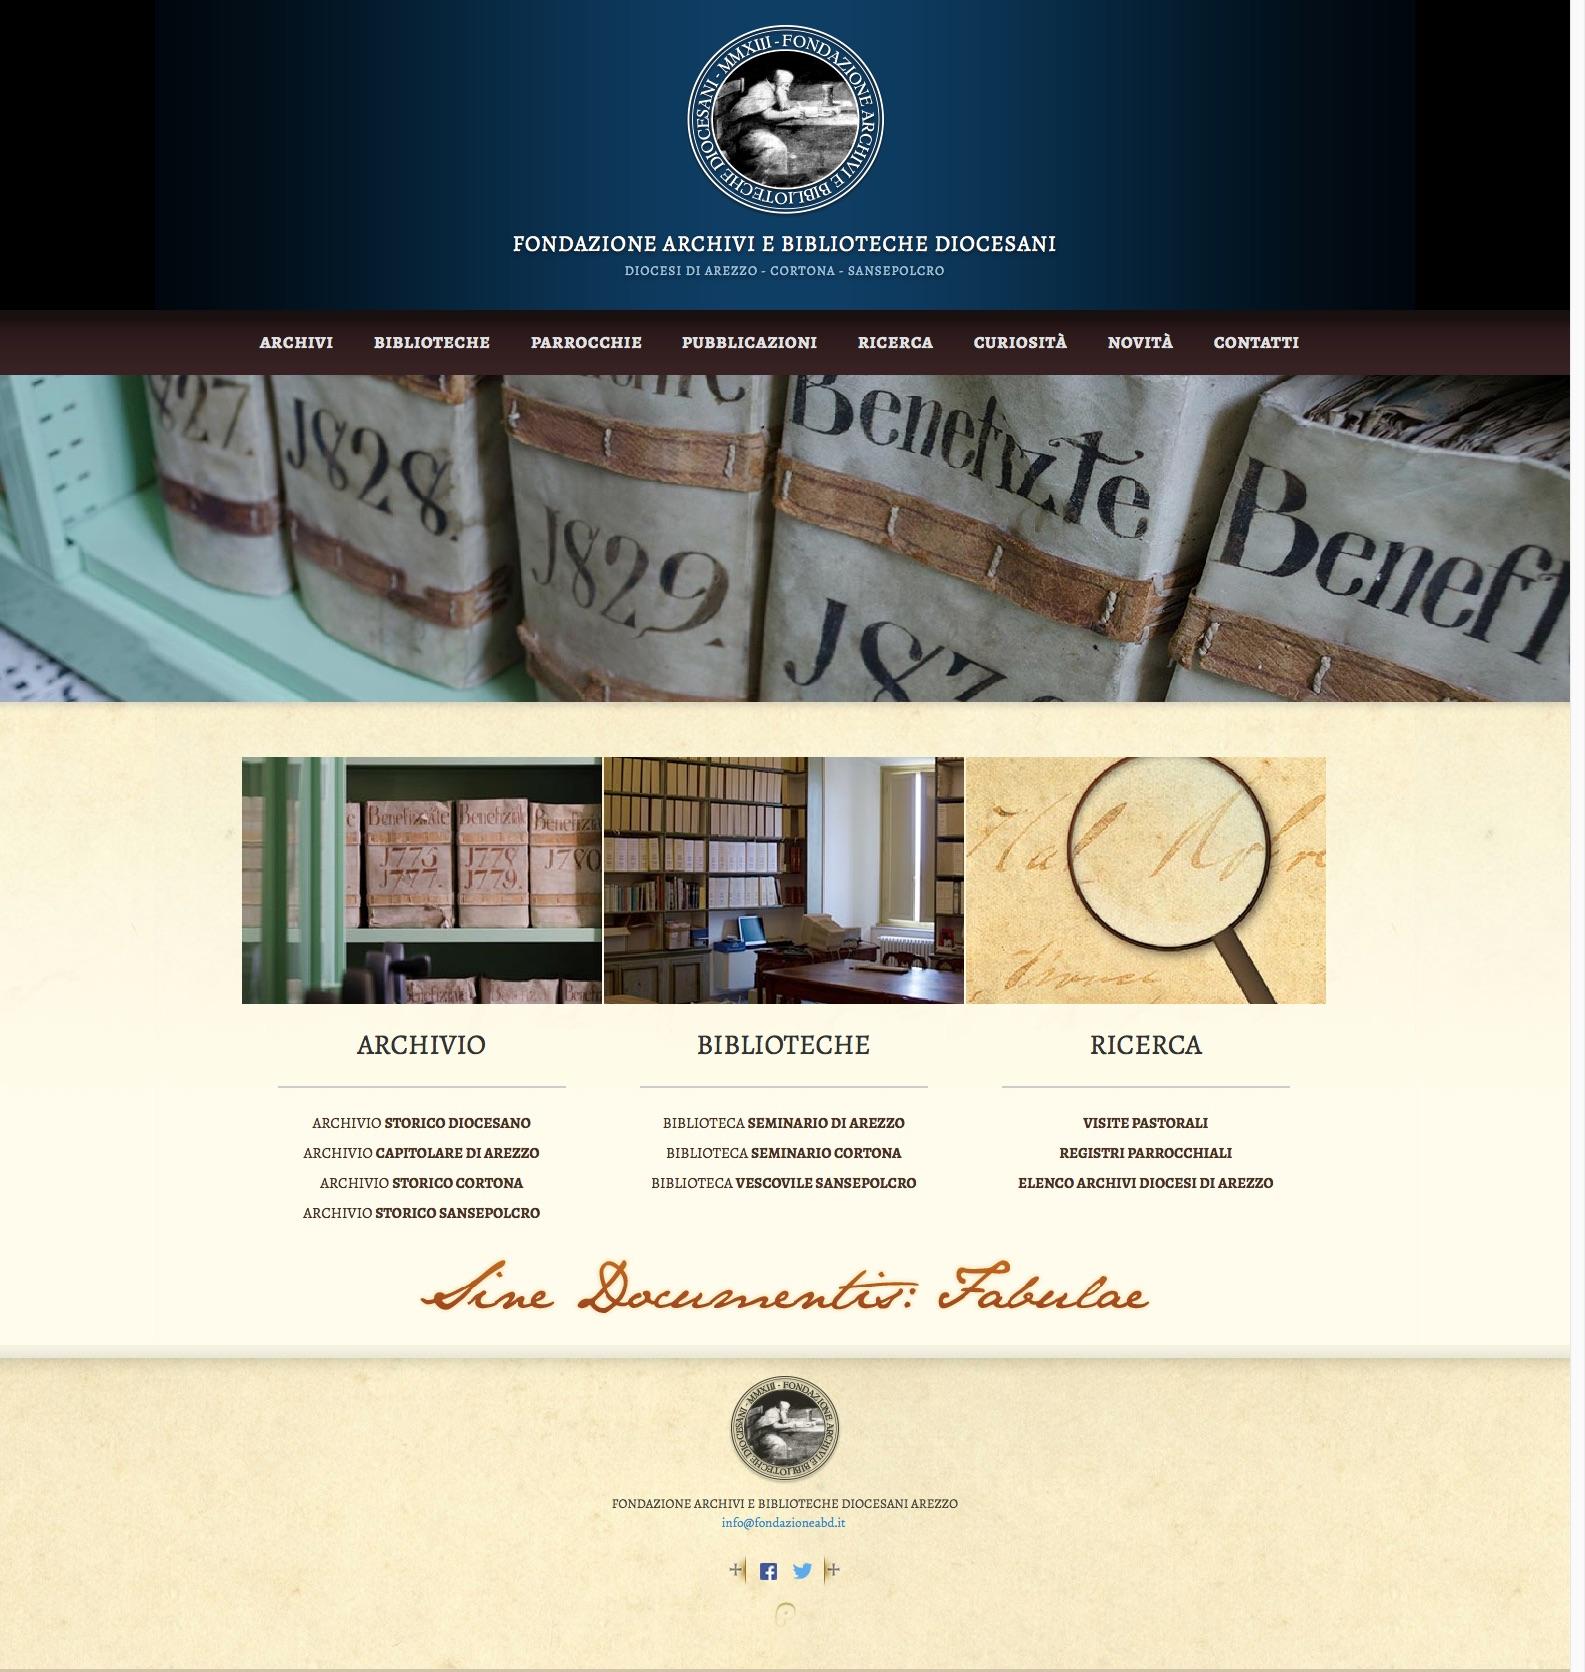 Fondazione-Archivi-Biblioteche-Diocesane-Diocesi-Arezzo-–-Cortona-–-S.Sepolcro-20141129.jpg